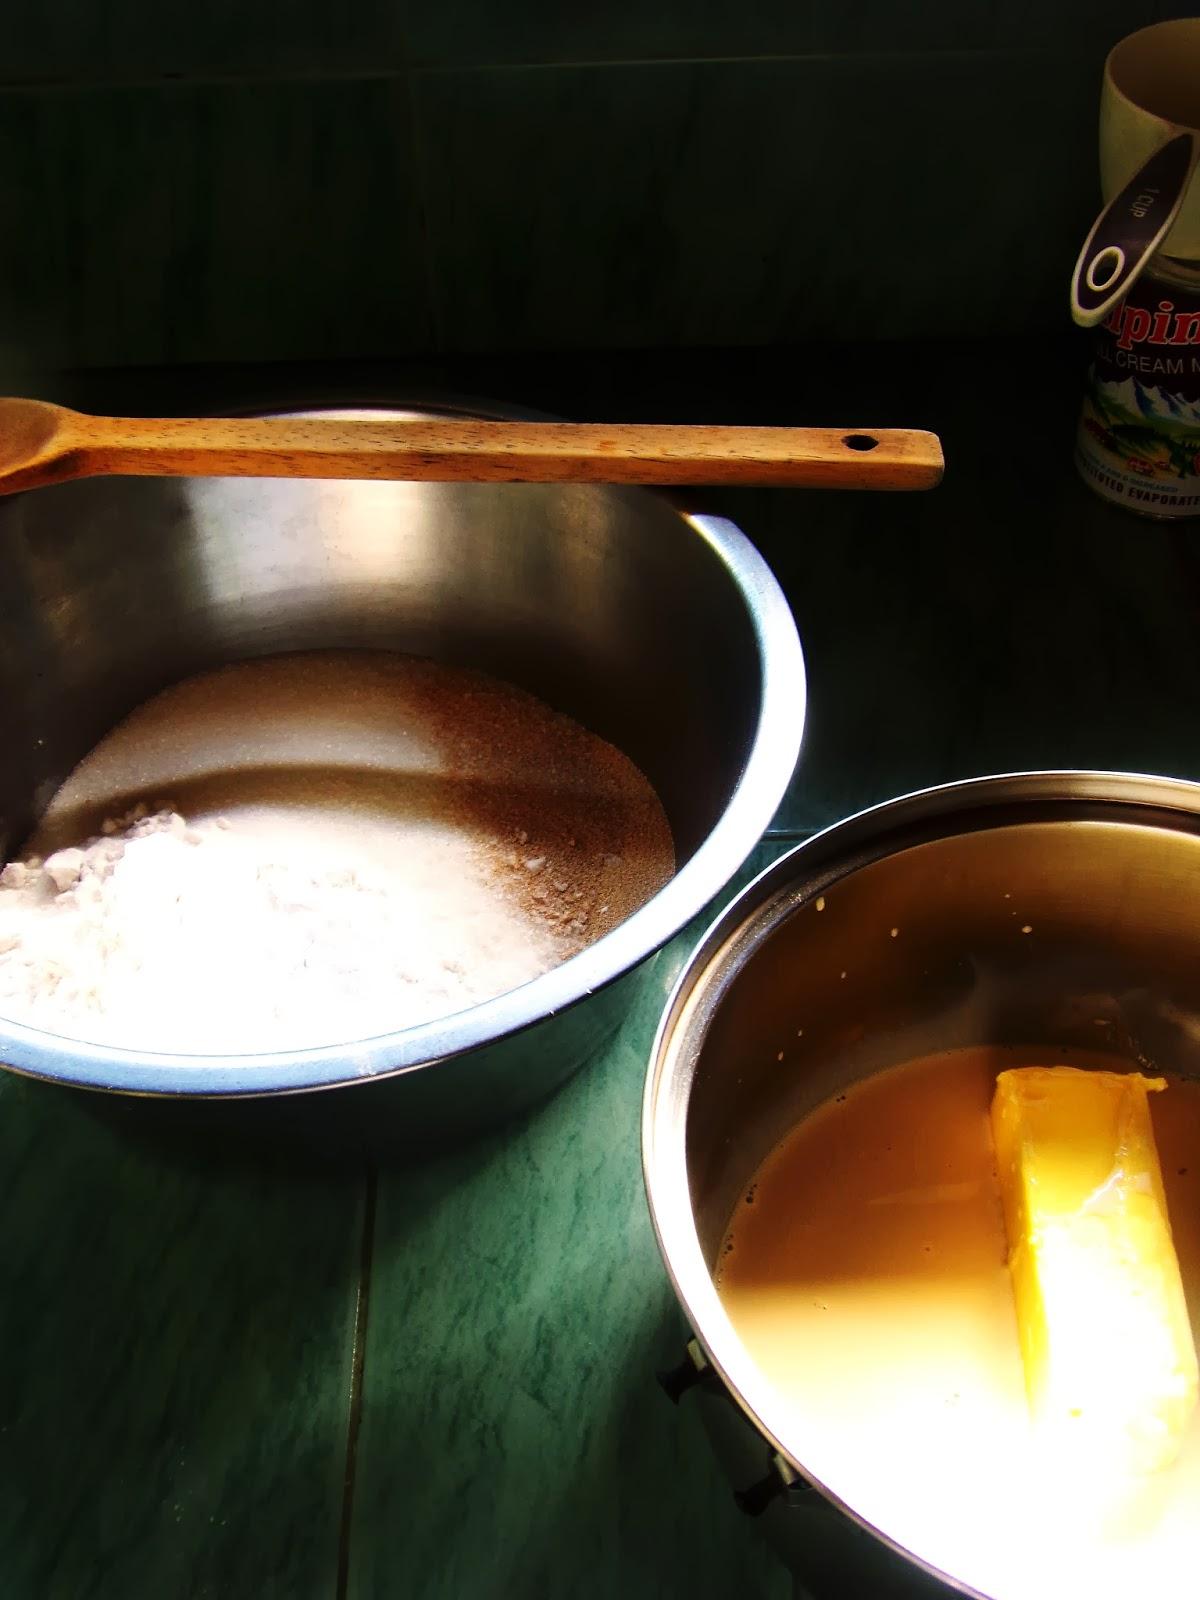 cinnamon bread recipes, how to make cinnamon bread